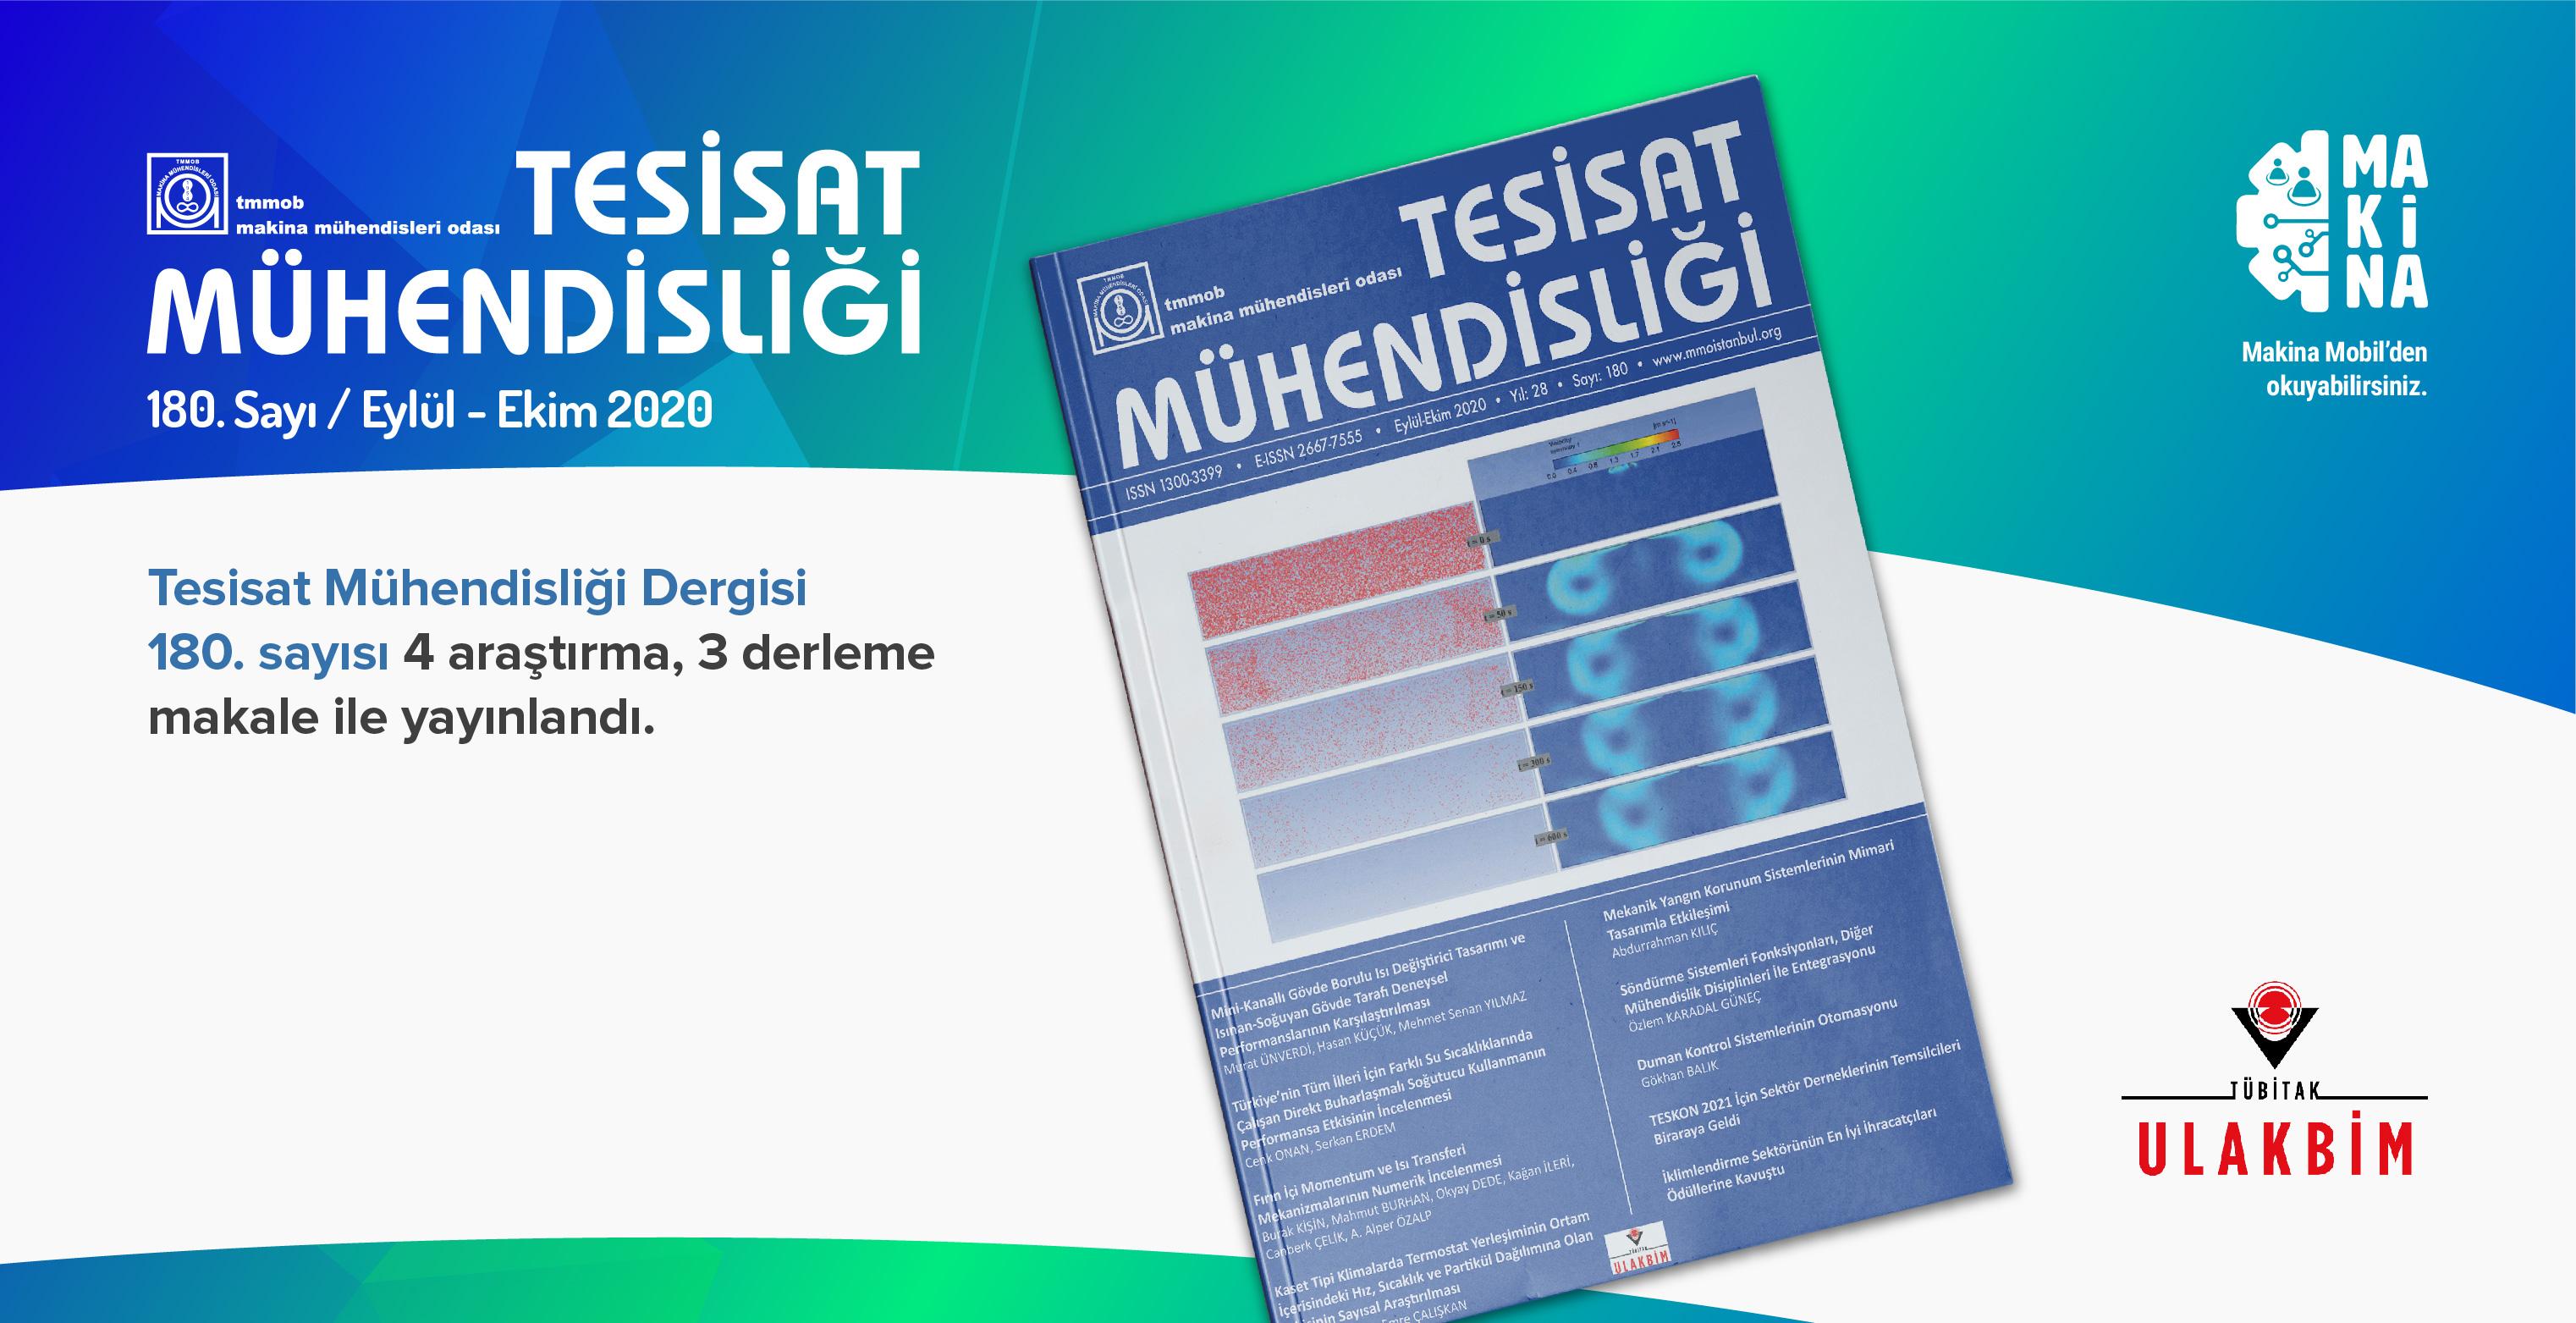 Tesisat Mühendisliği Dergisi 180. Sayısı Yayınlandı!